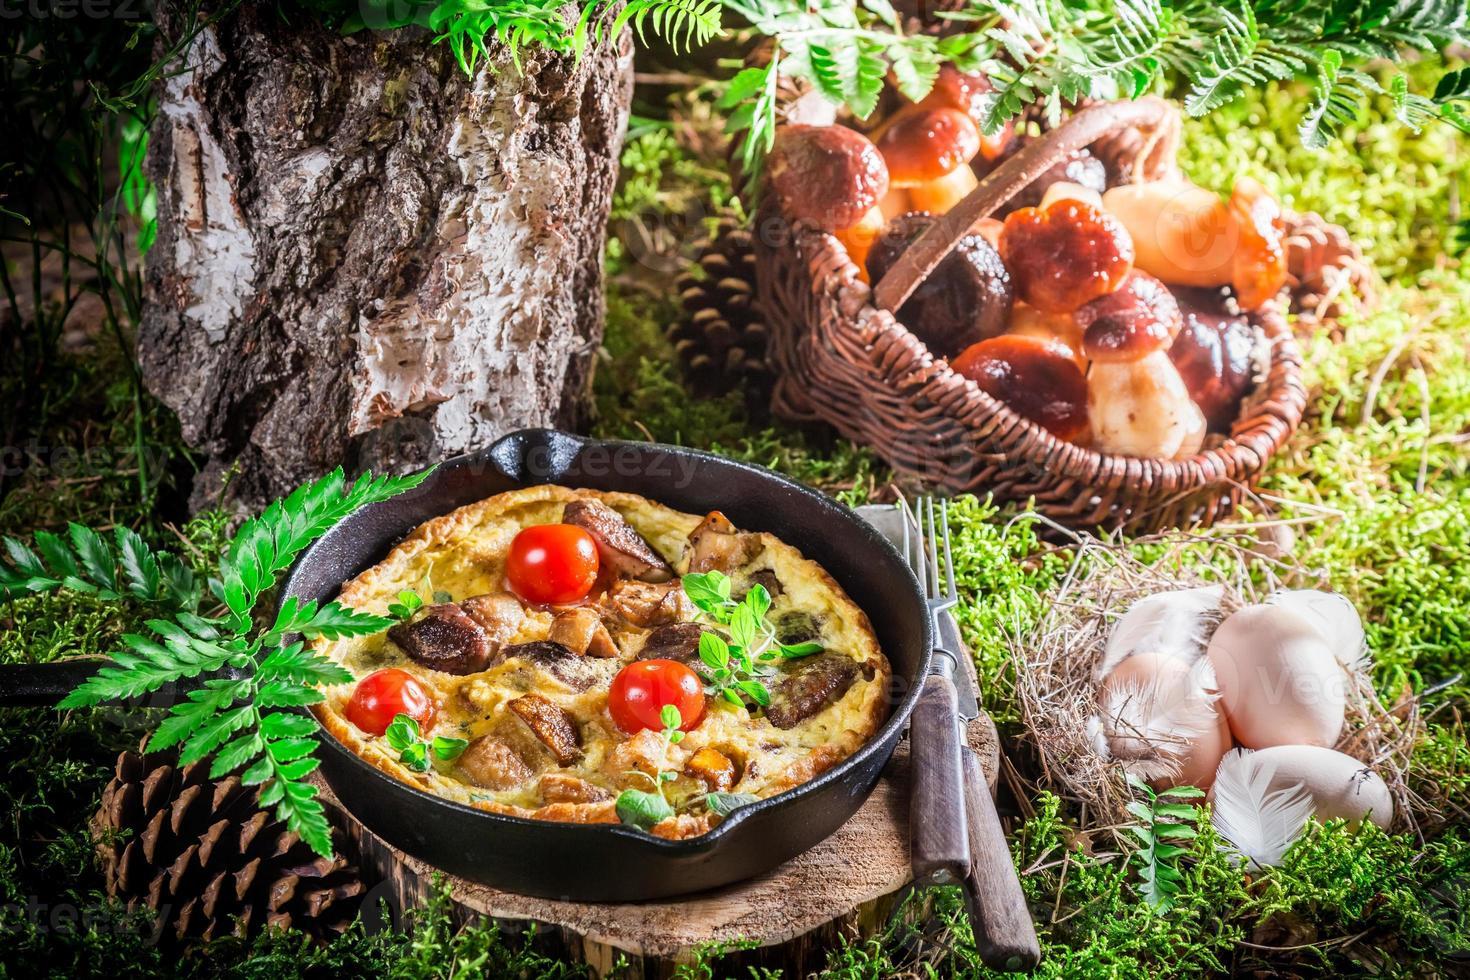 ovos fritos saborosos em musgo na floresta foto